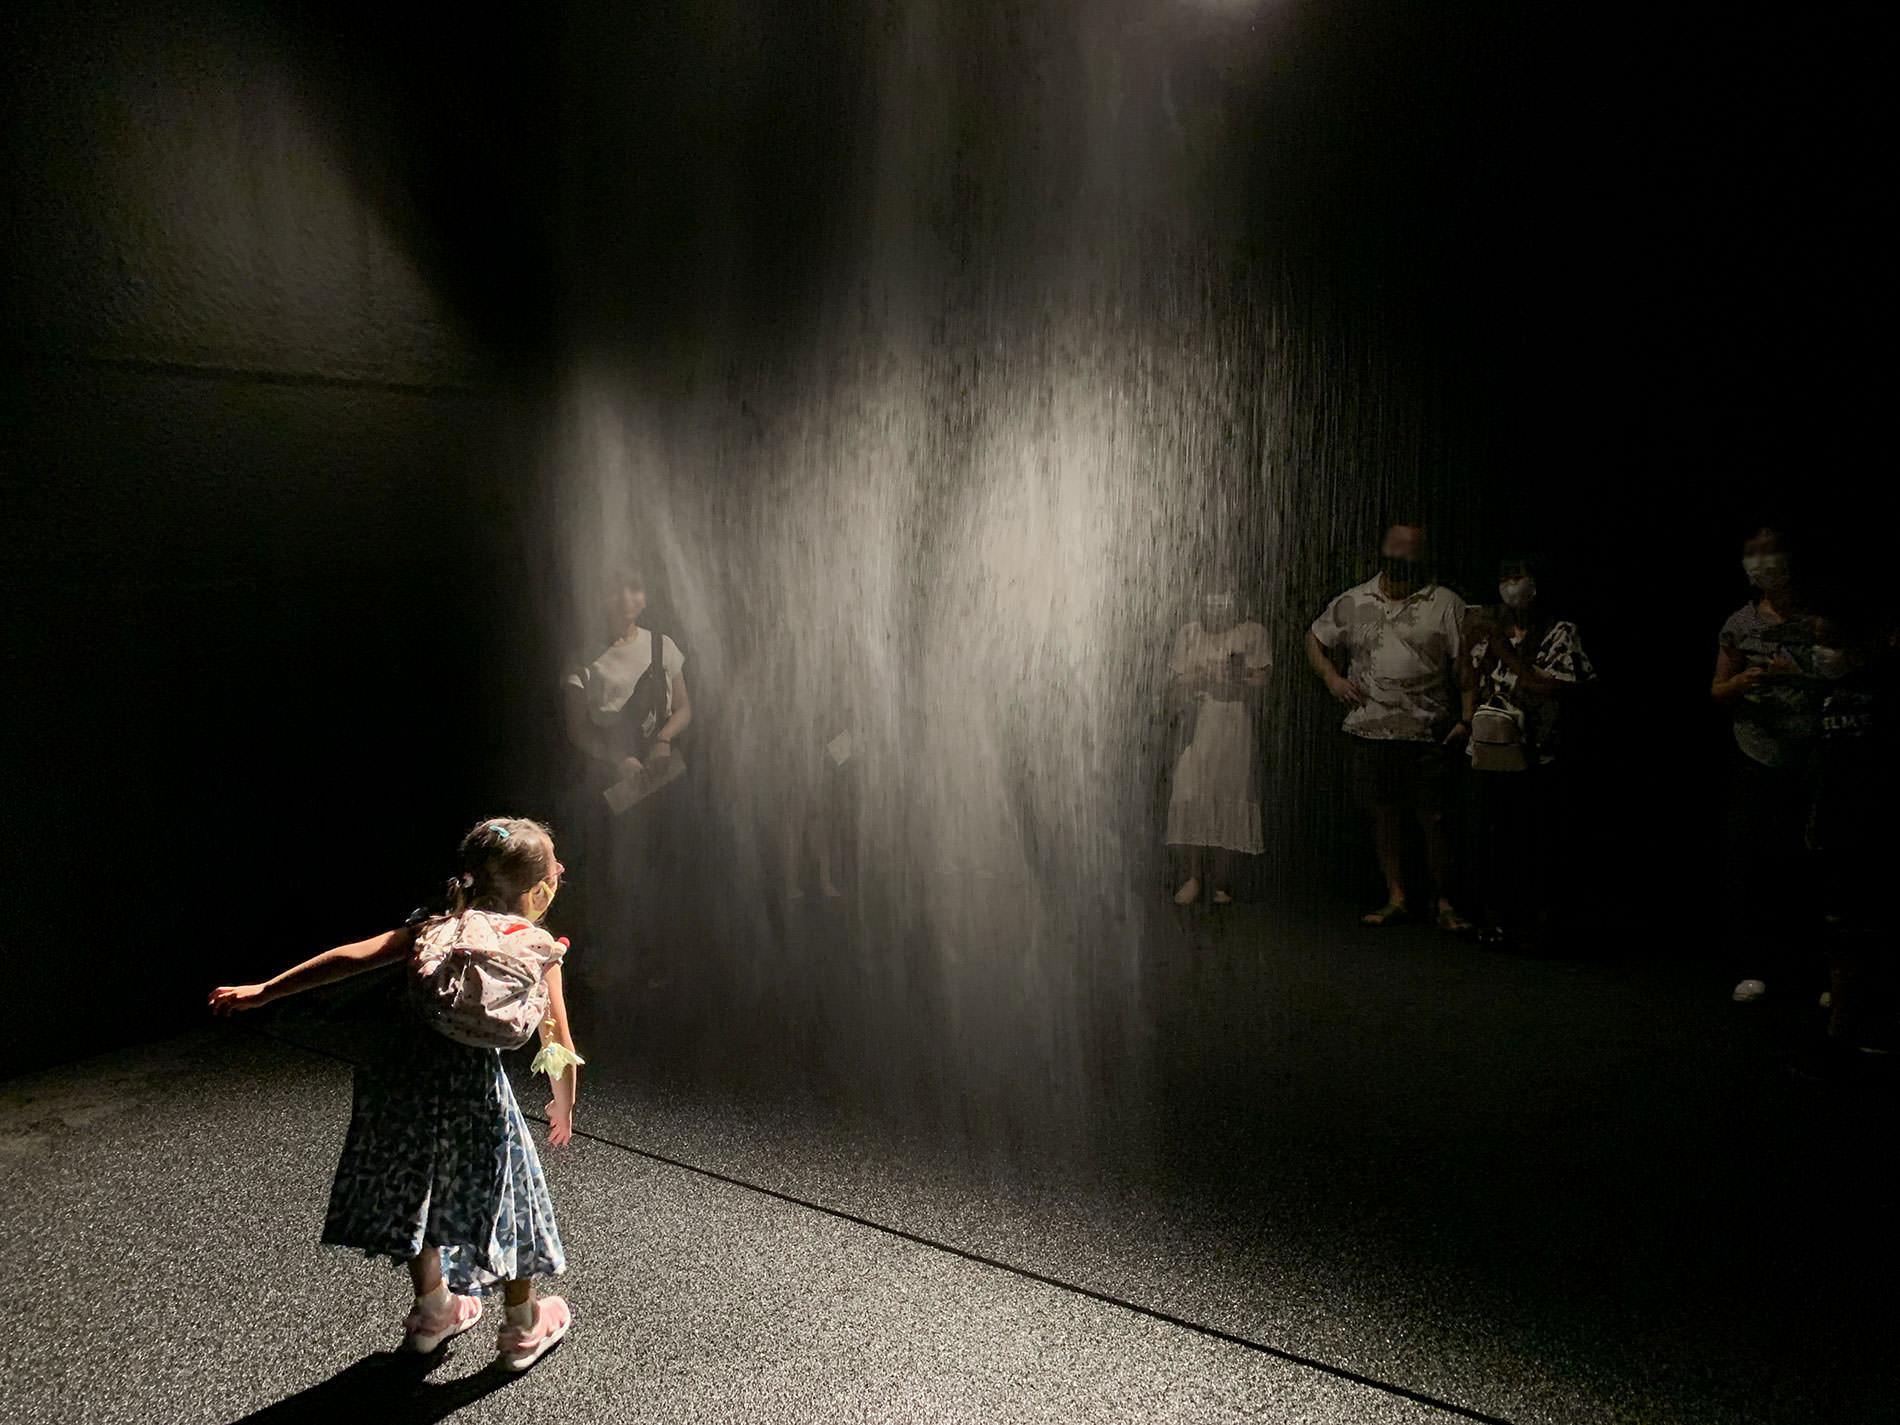 オラファー・エリアソン 「ときに川は橋となる」展 | ビューティー | 東京都現代美術館 / Olafur Eliasson | Beauty | MUSEUM OF CONTEMPORARY ART TOKYO 2020